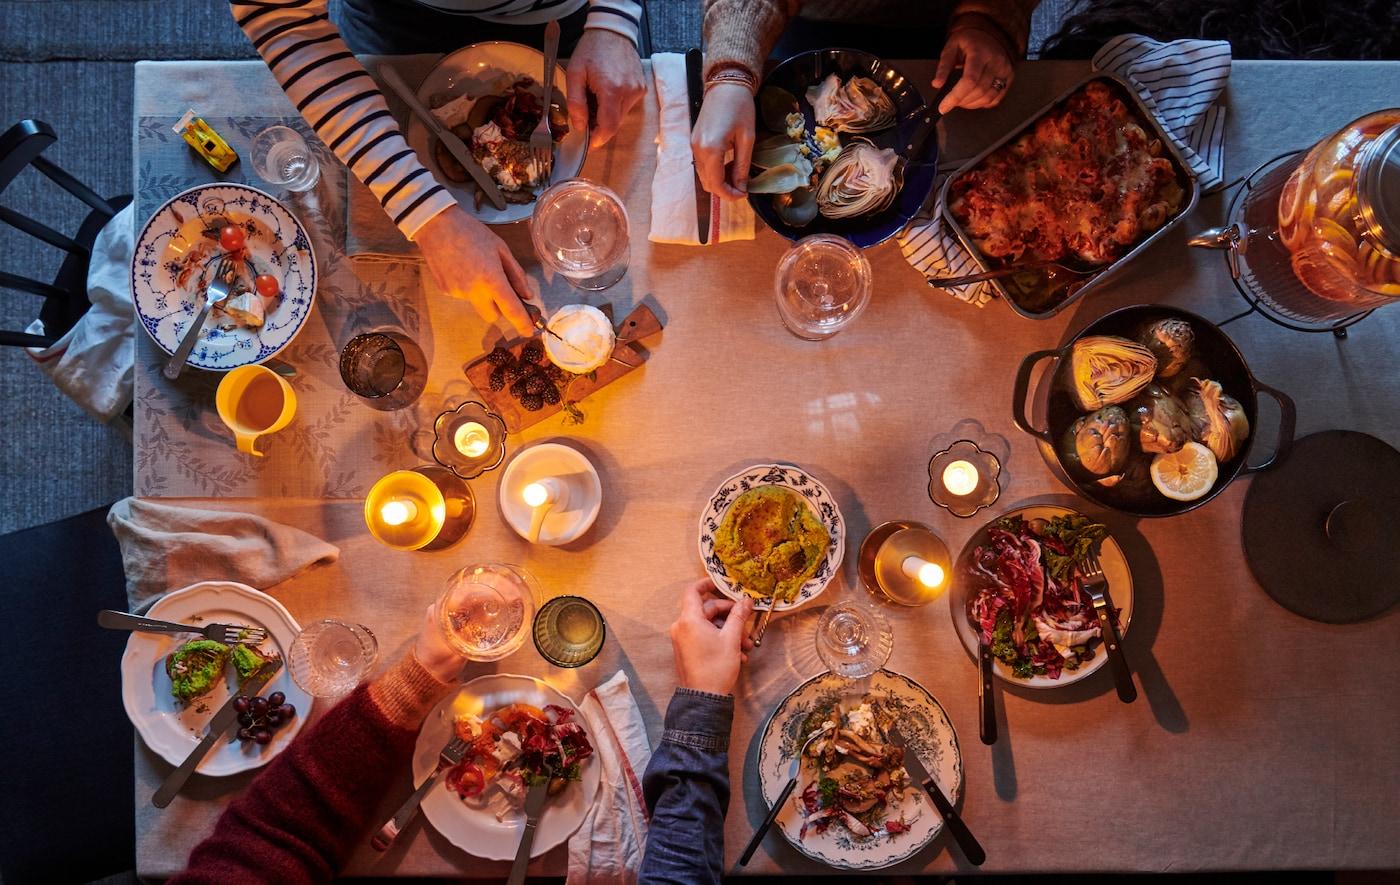 Näkymä ruokapöytään, joka on katettu ateriaa varten. Pöydässä on yksivärinen pöytäliina ja sekoitus ruokailuvälineitä, liinavaatteita ja kynttilöitä.